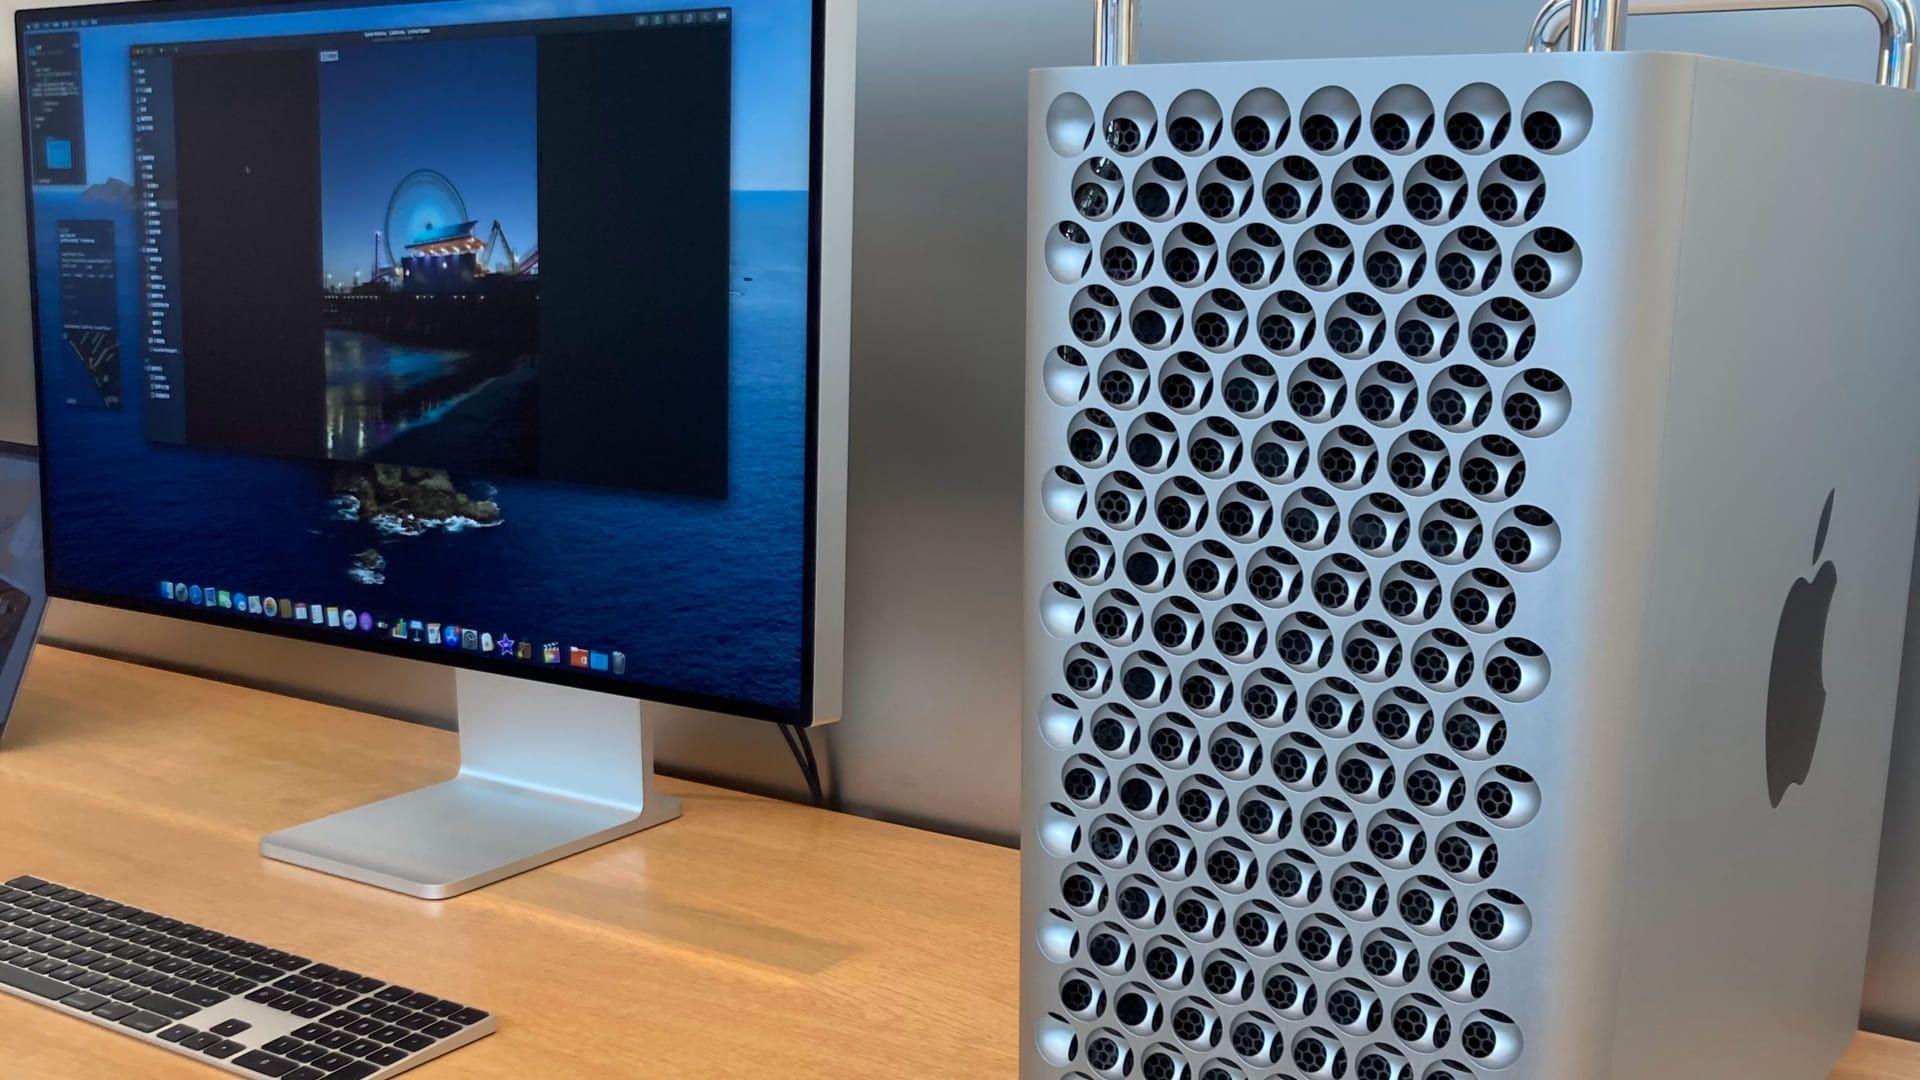 Por conta de suas configurações bem robustas, o Mac Pro é um computador Apple específico para empresas que necessitam de muito poder de processamento (Fonte: Shutterstock/Jack Skeen)